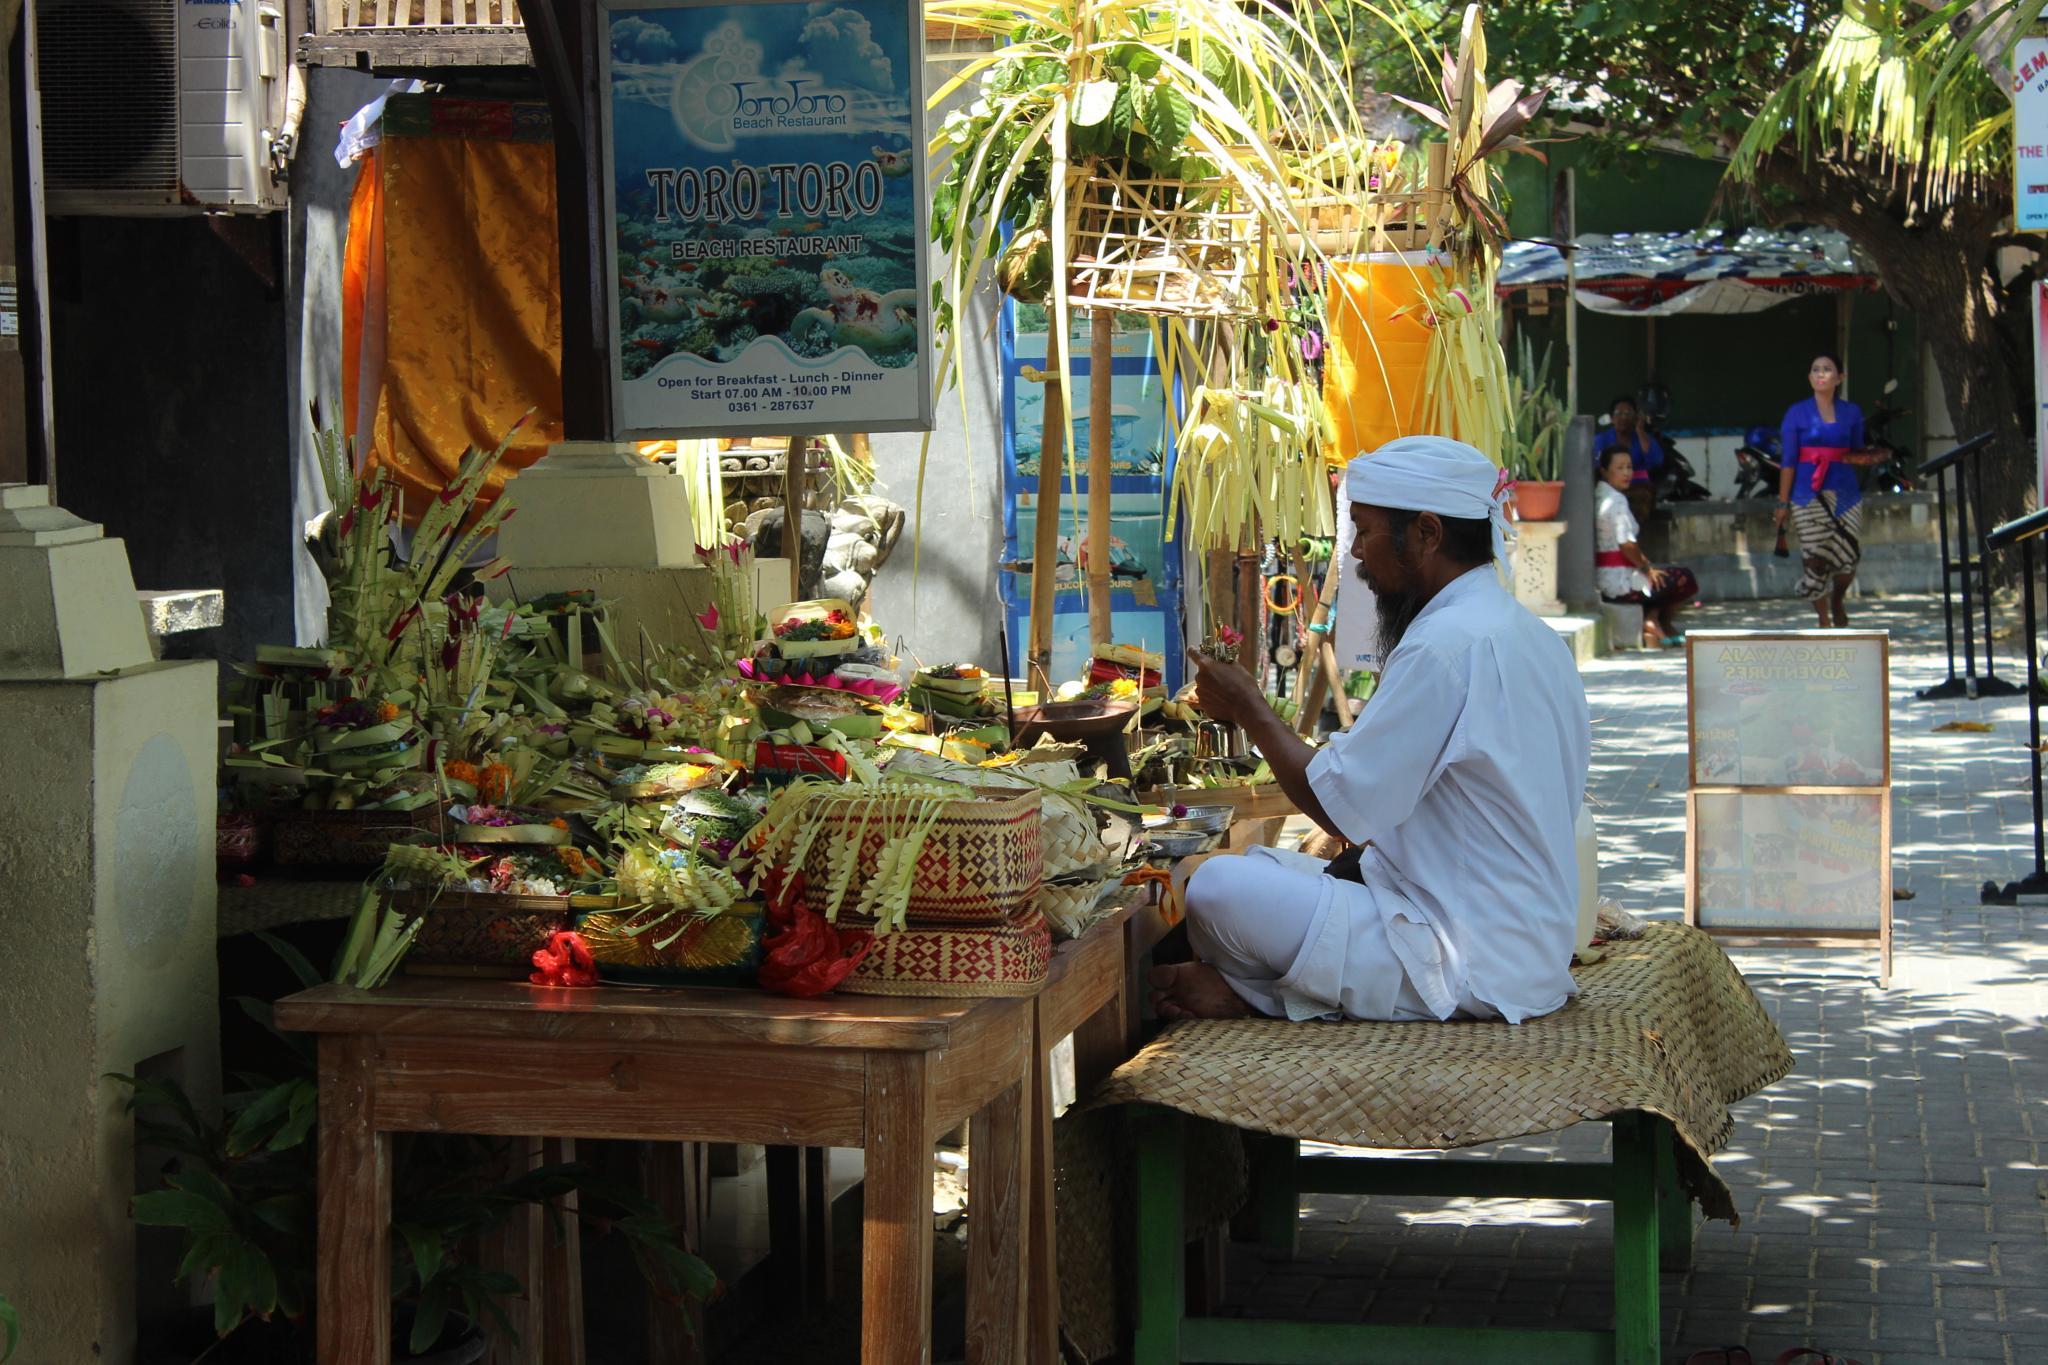 Sanur, Bali by hennievandercruijsen